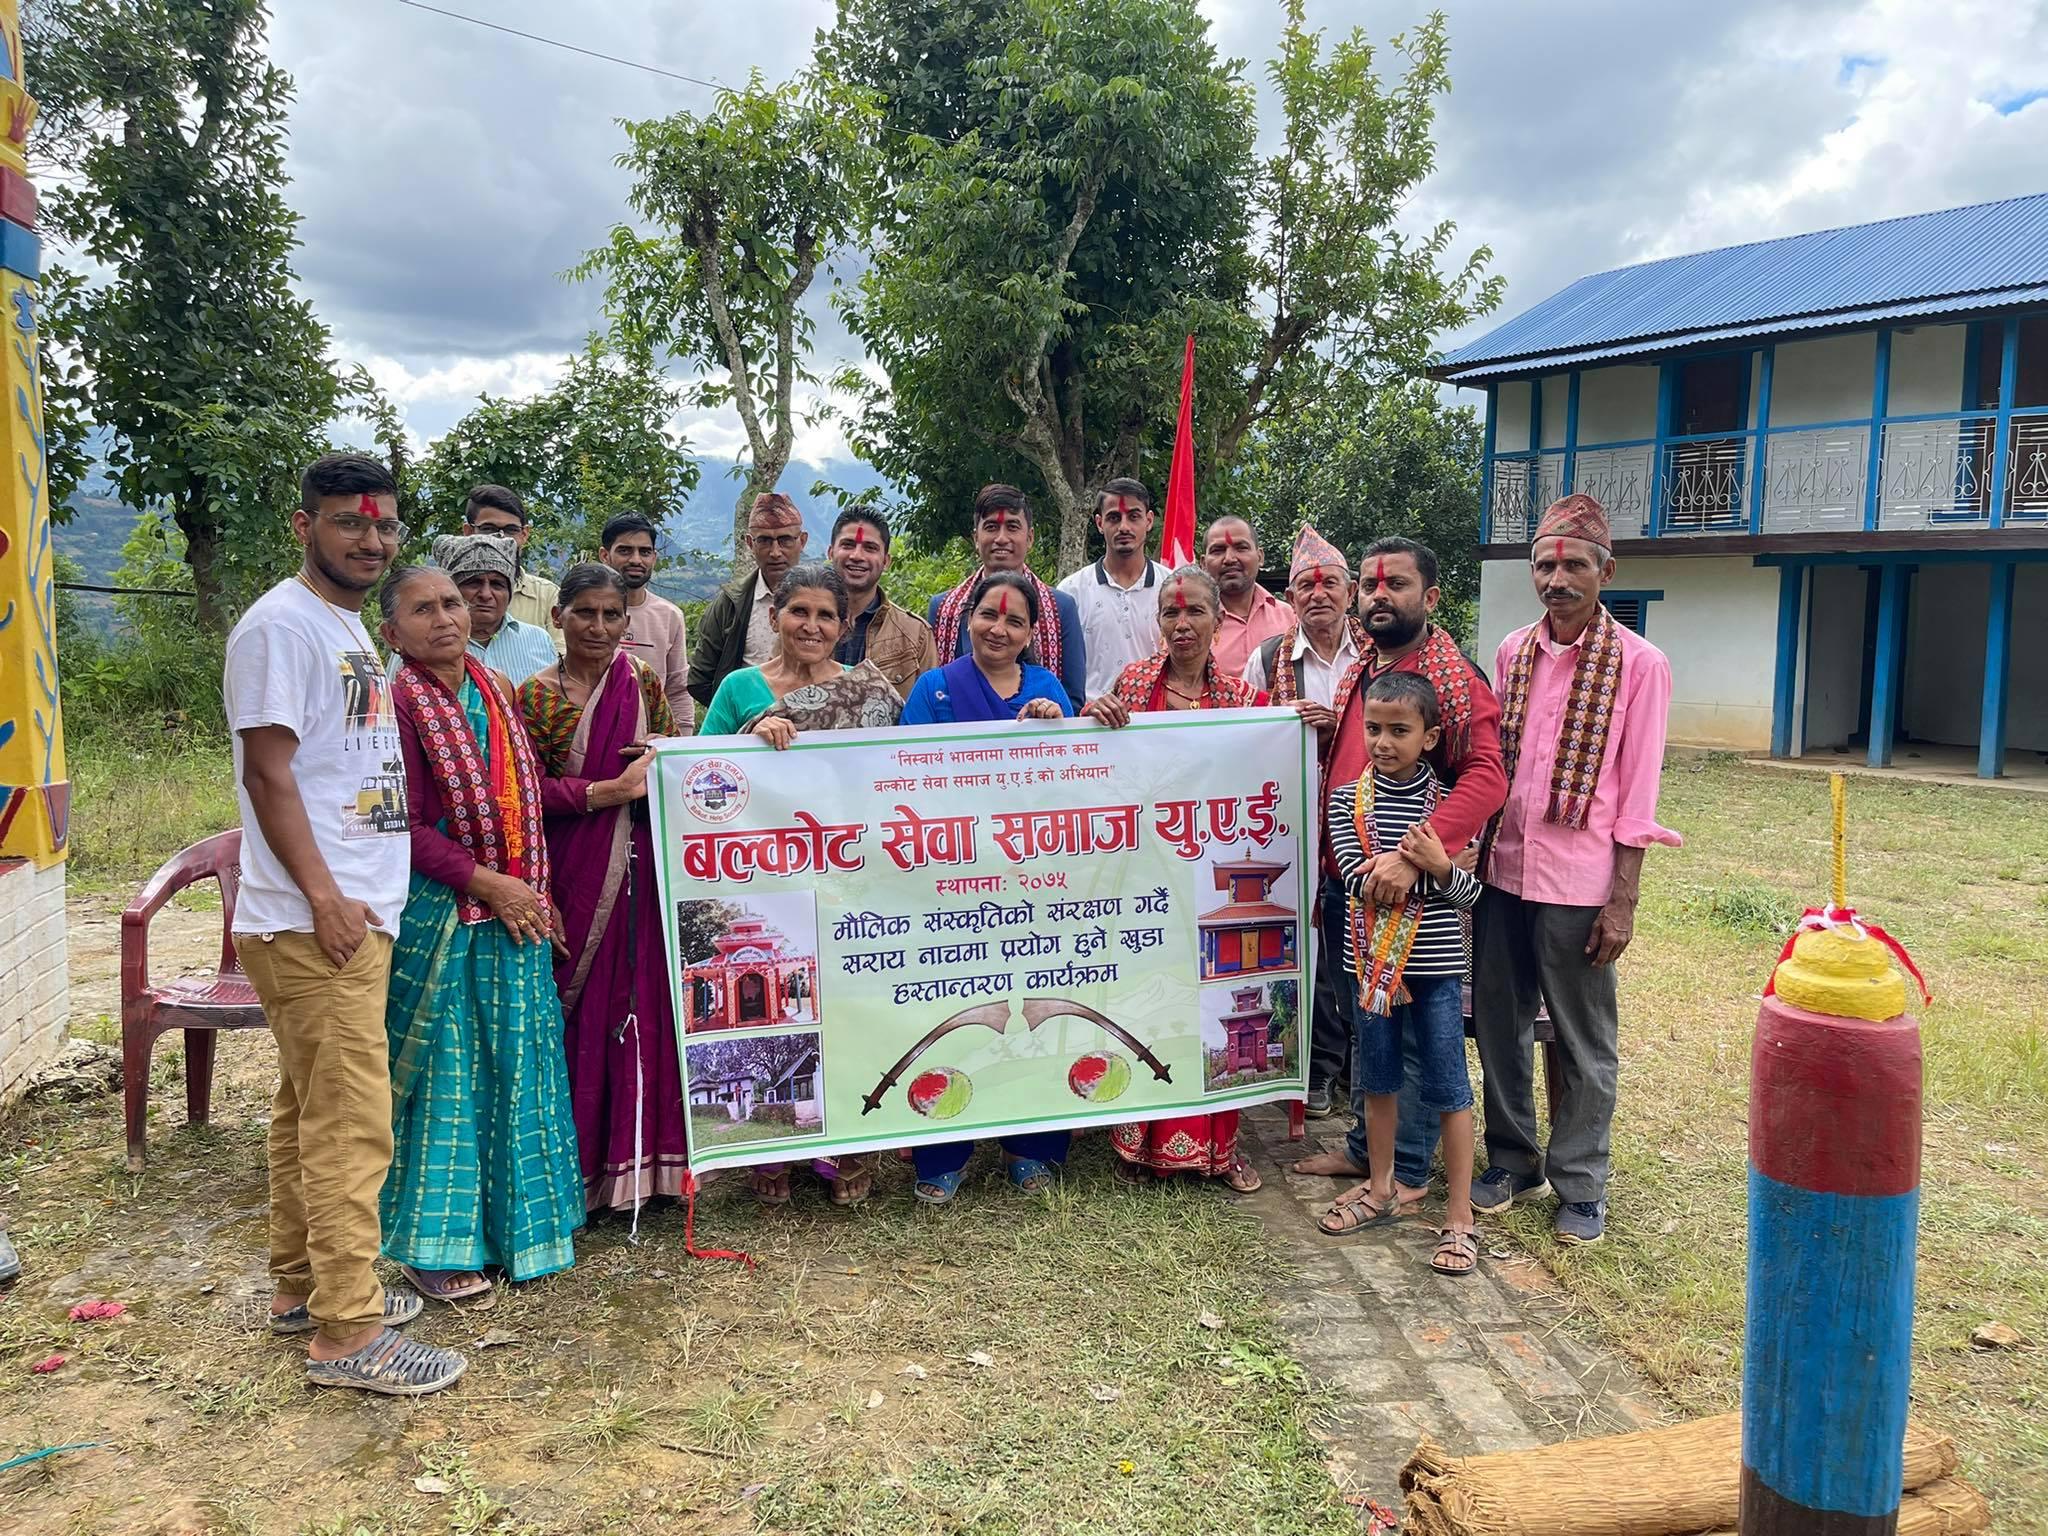 बल्कोट सेवा समाज यूएईद्वारा गाउँका मठमन्दिरमा सहयोग